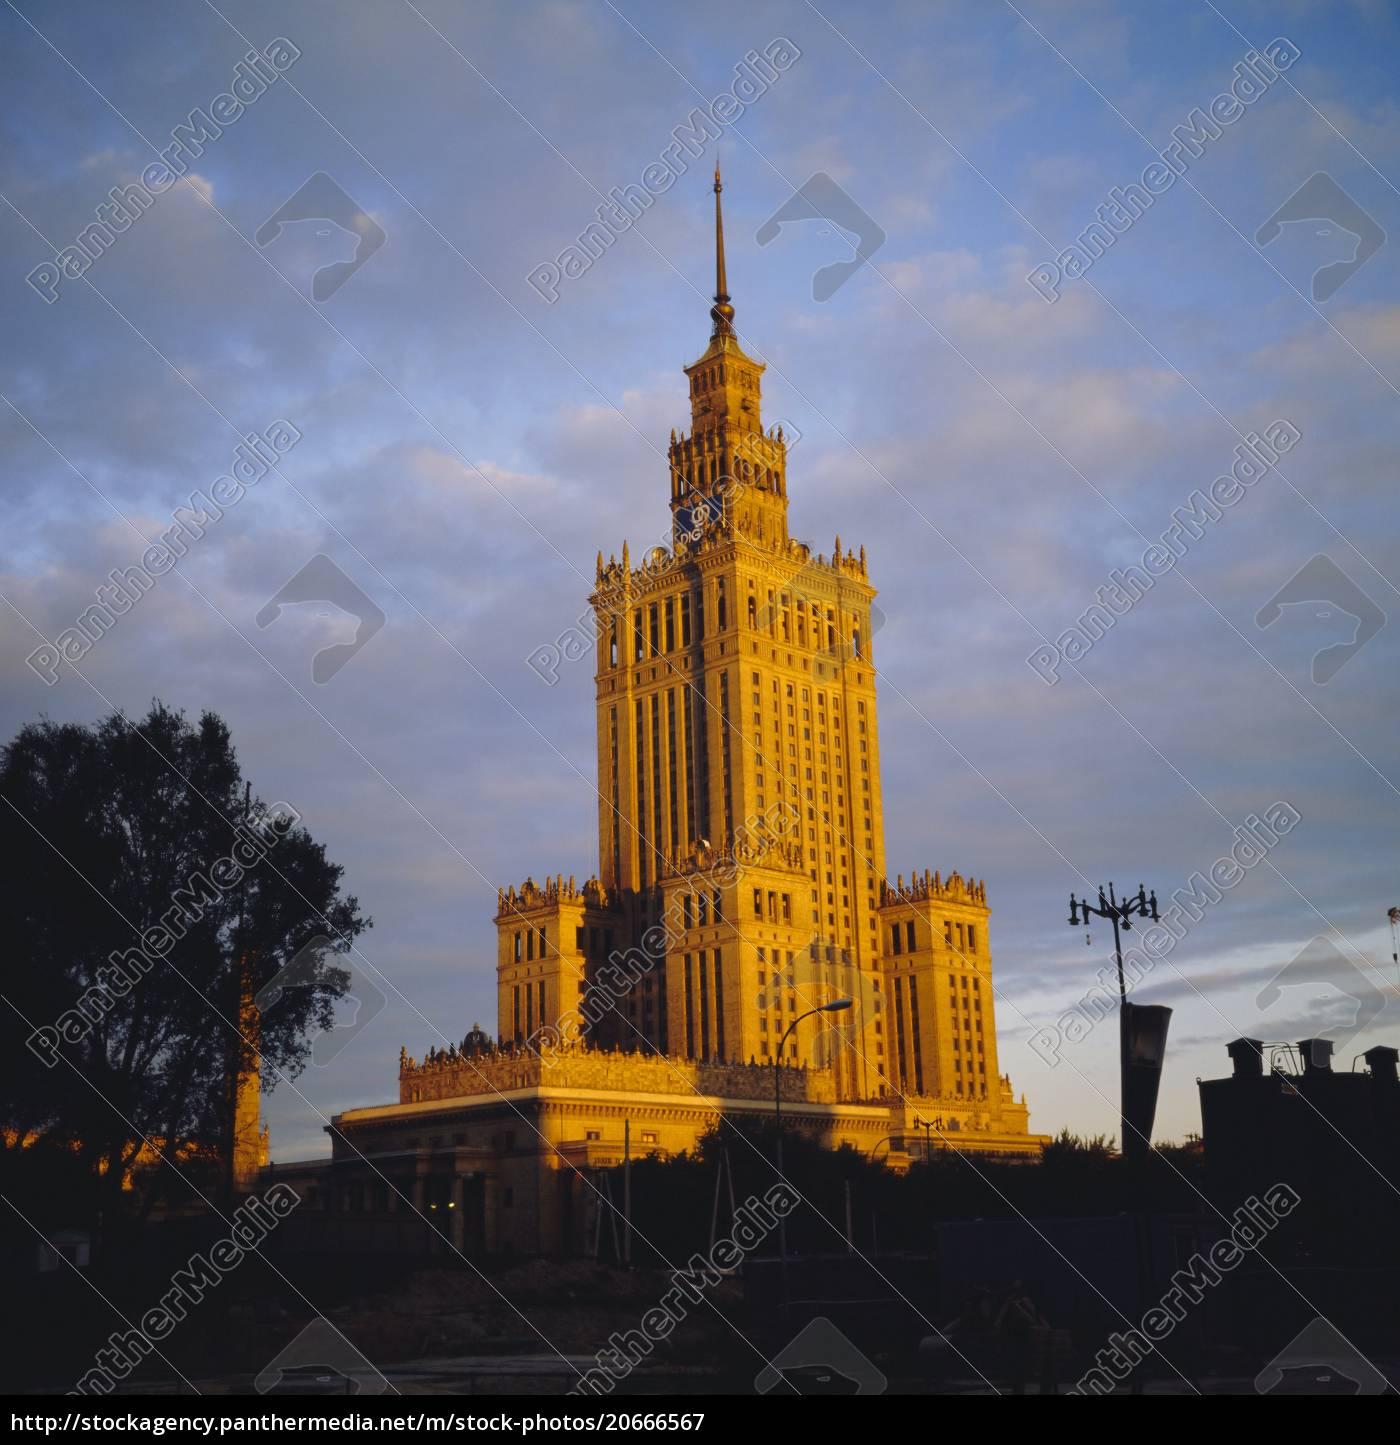 kulturpalast, stalinistische, architektur, warschau, (wraclaw), polen - 20666567